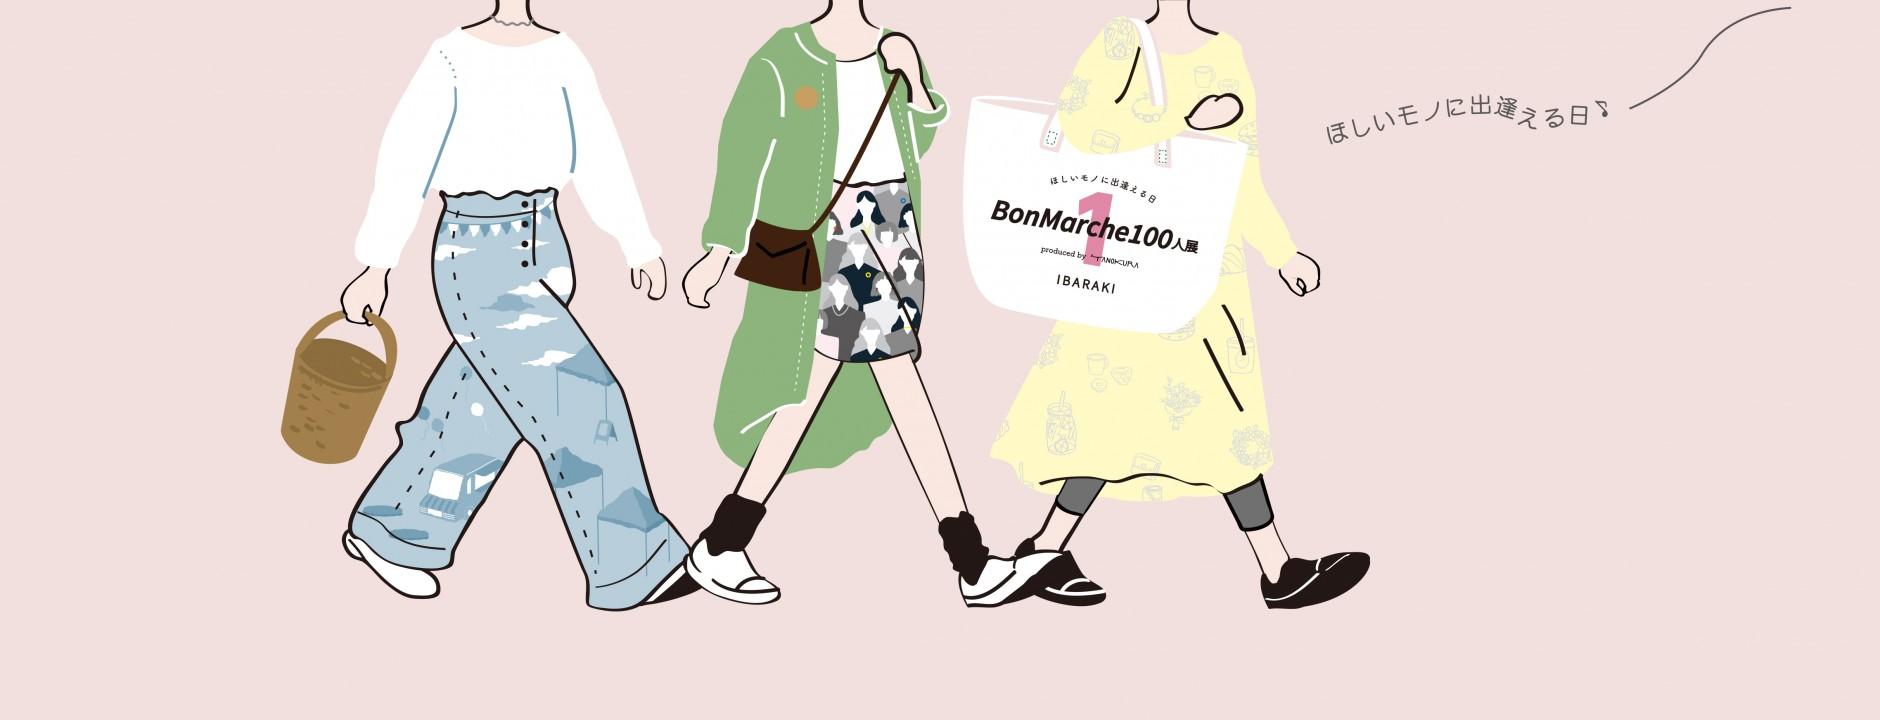 BonMarche100人展in茨城に遊びに行こう!